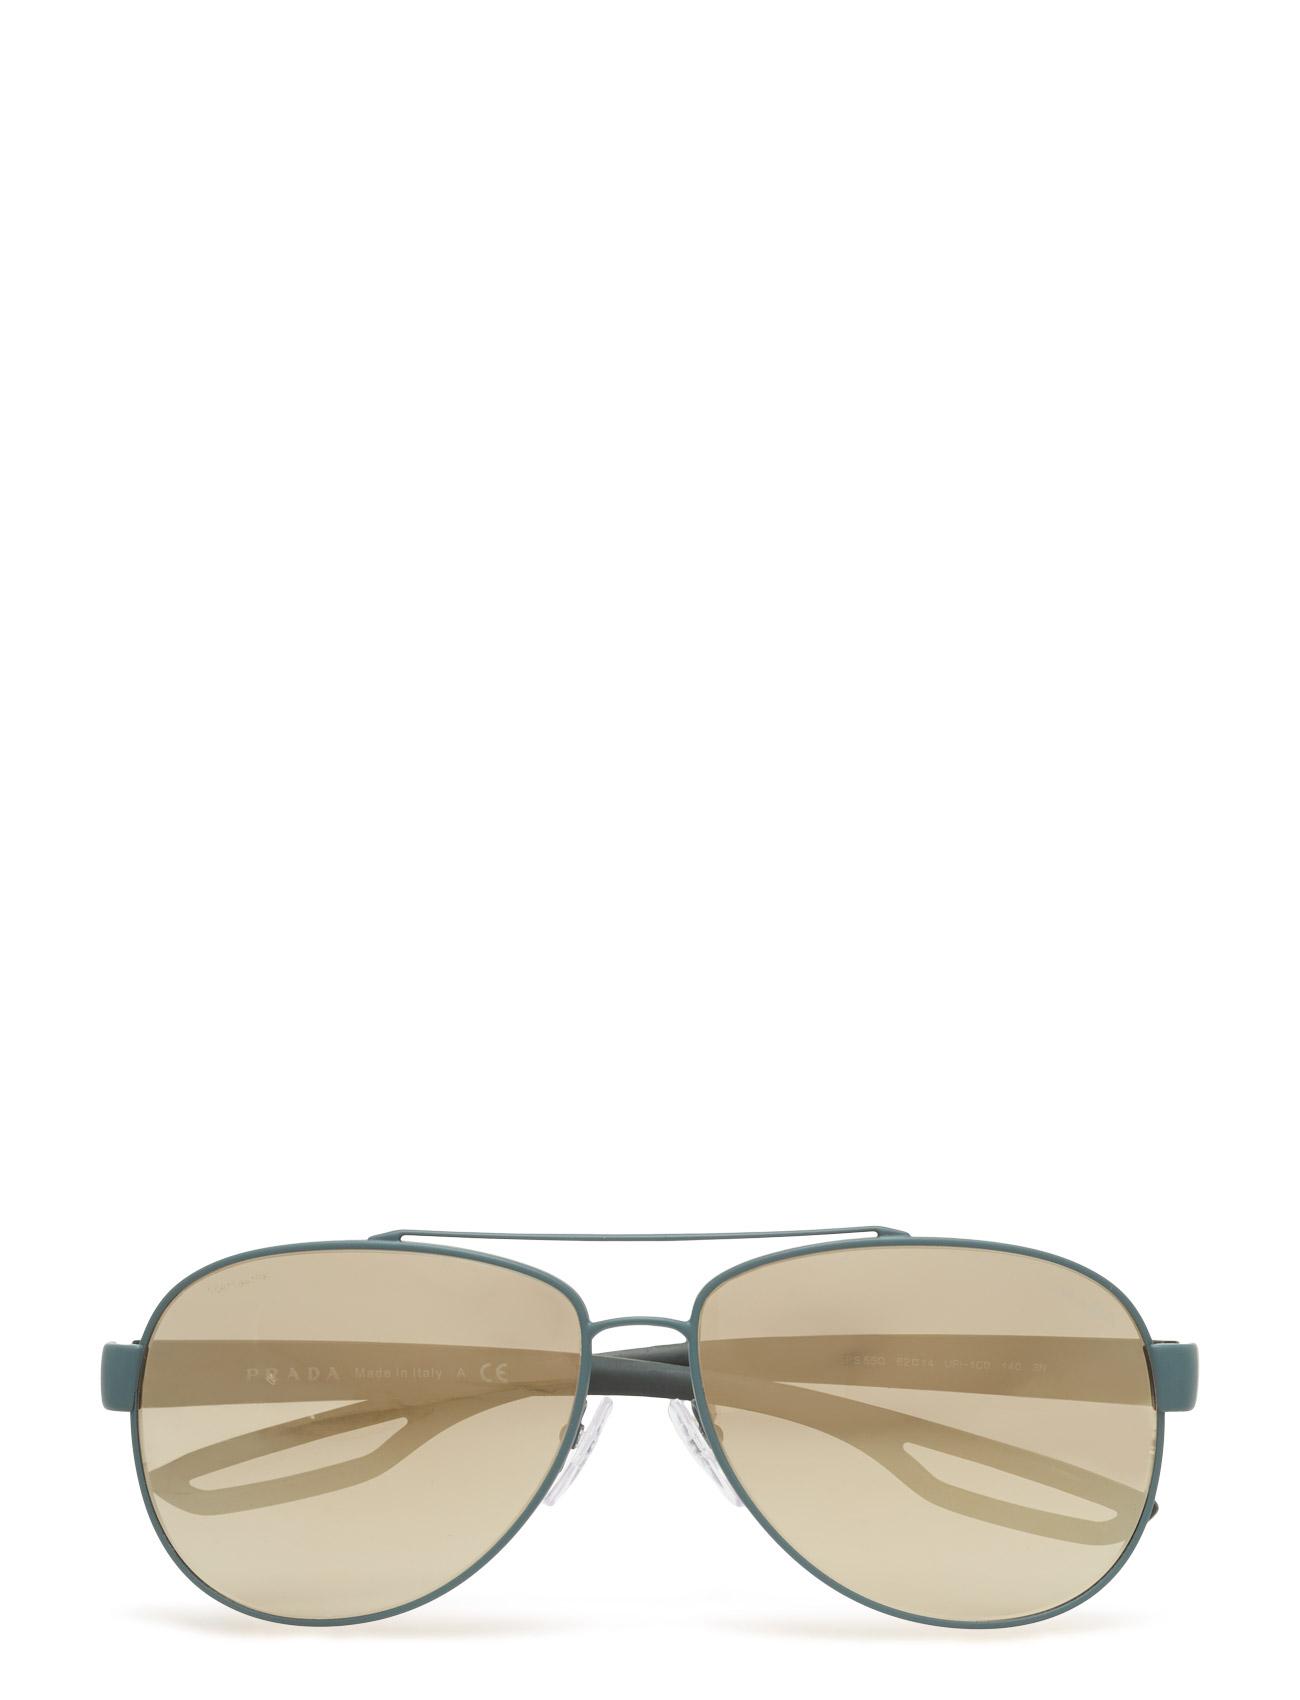 46311e7cc973 Aviator Prada Sport Sunglasses Solbriller til Herrer i ...